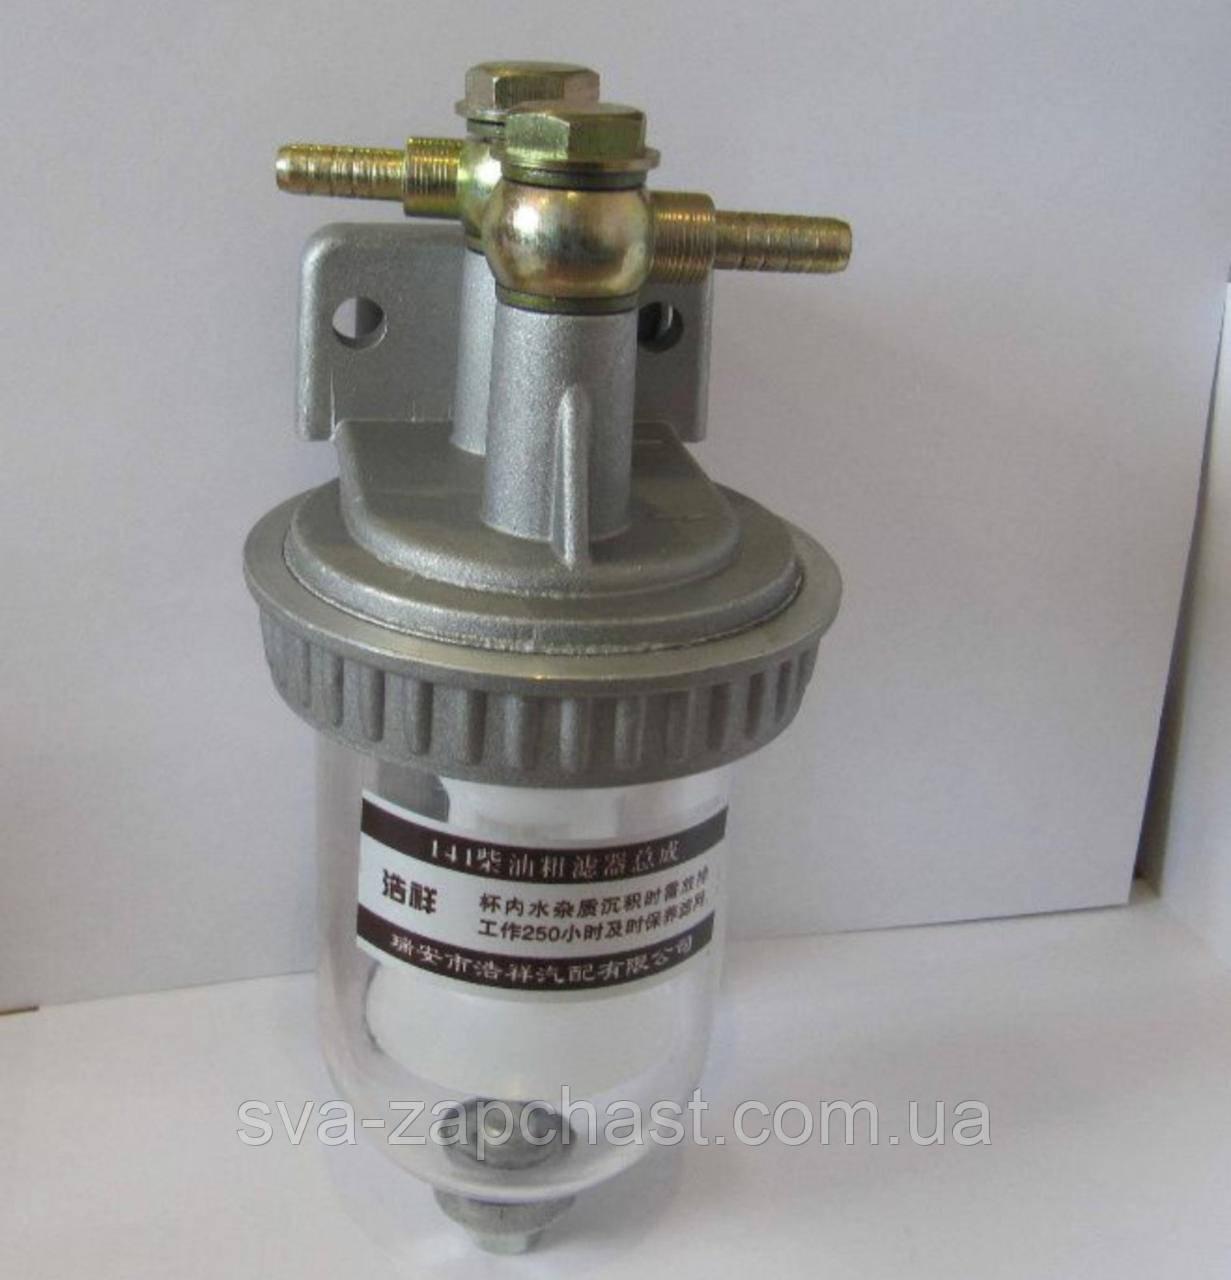 Фильтр топливный грубой очистки МТЗ ЮМЗ в сборе А23.30.000-01-10 стекло